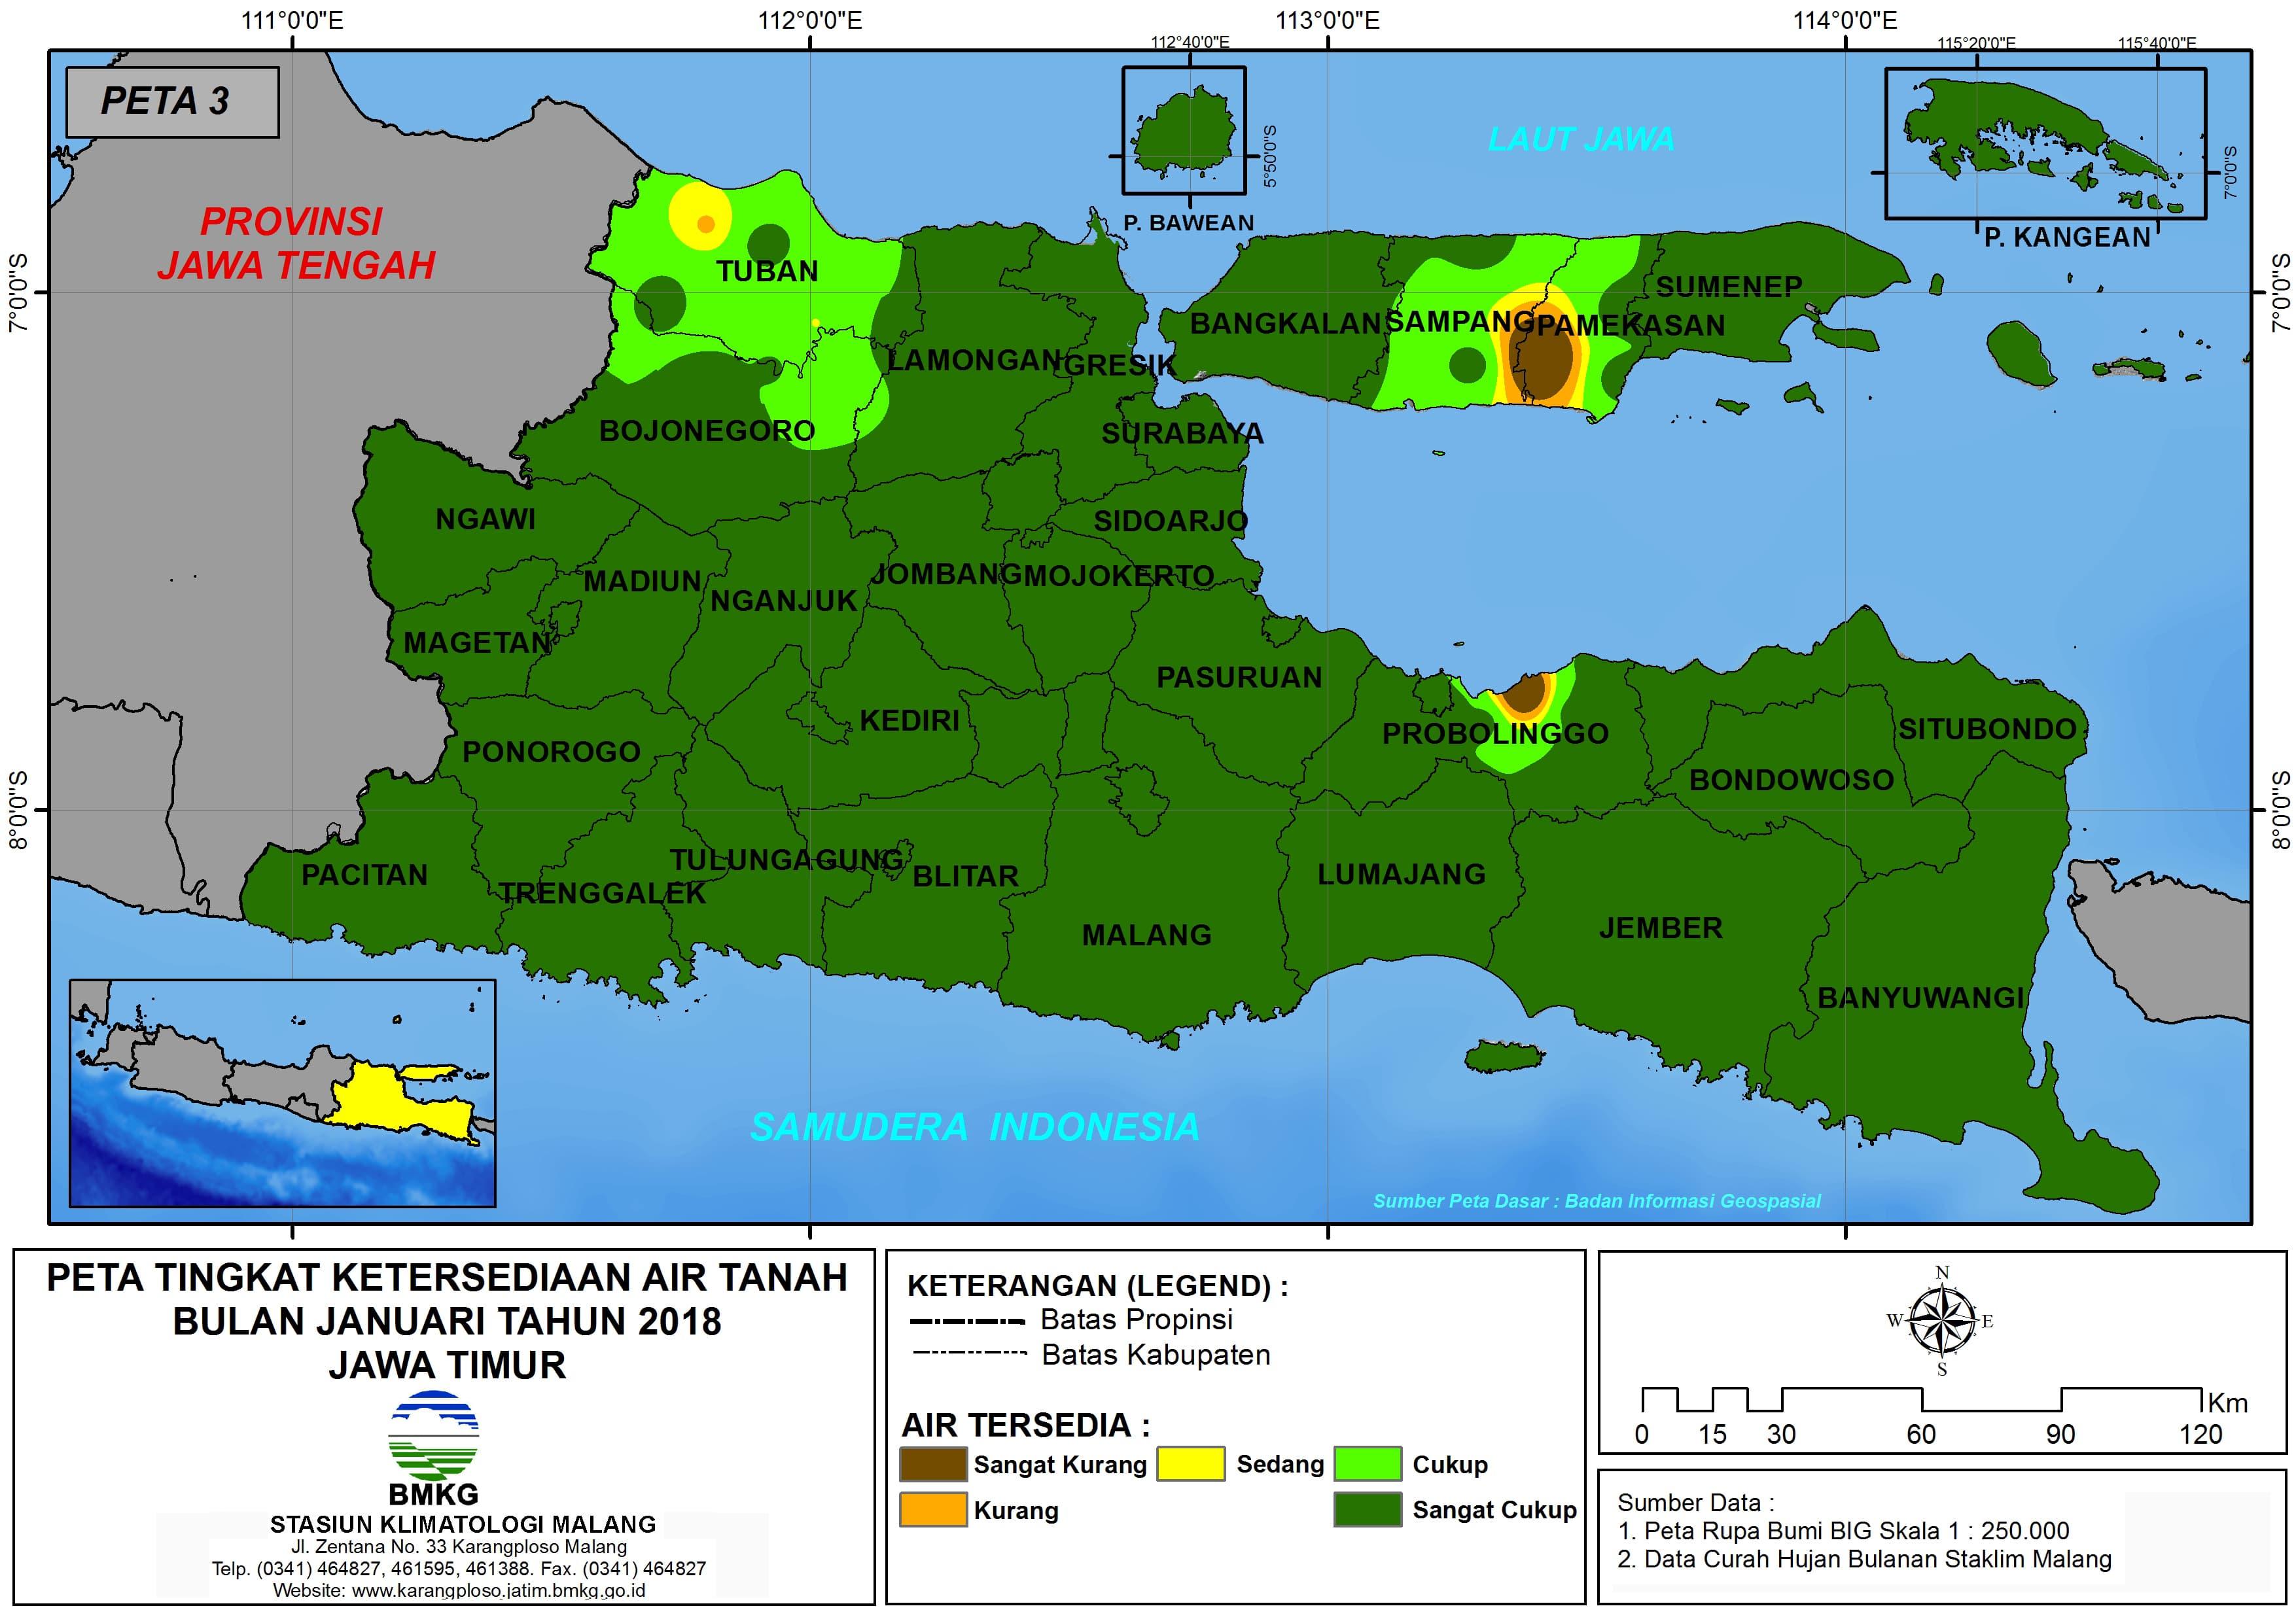 Analisis Tingkat Ketersediaan Air Tanah Bulan Januari Tahun 2018 di Provinsi Jawa Timur